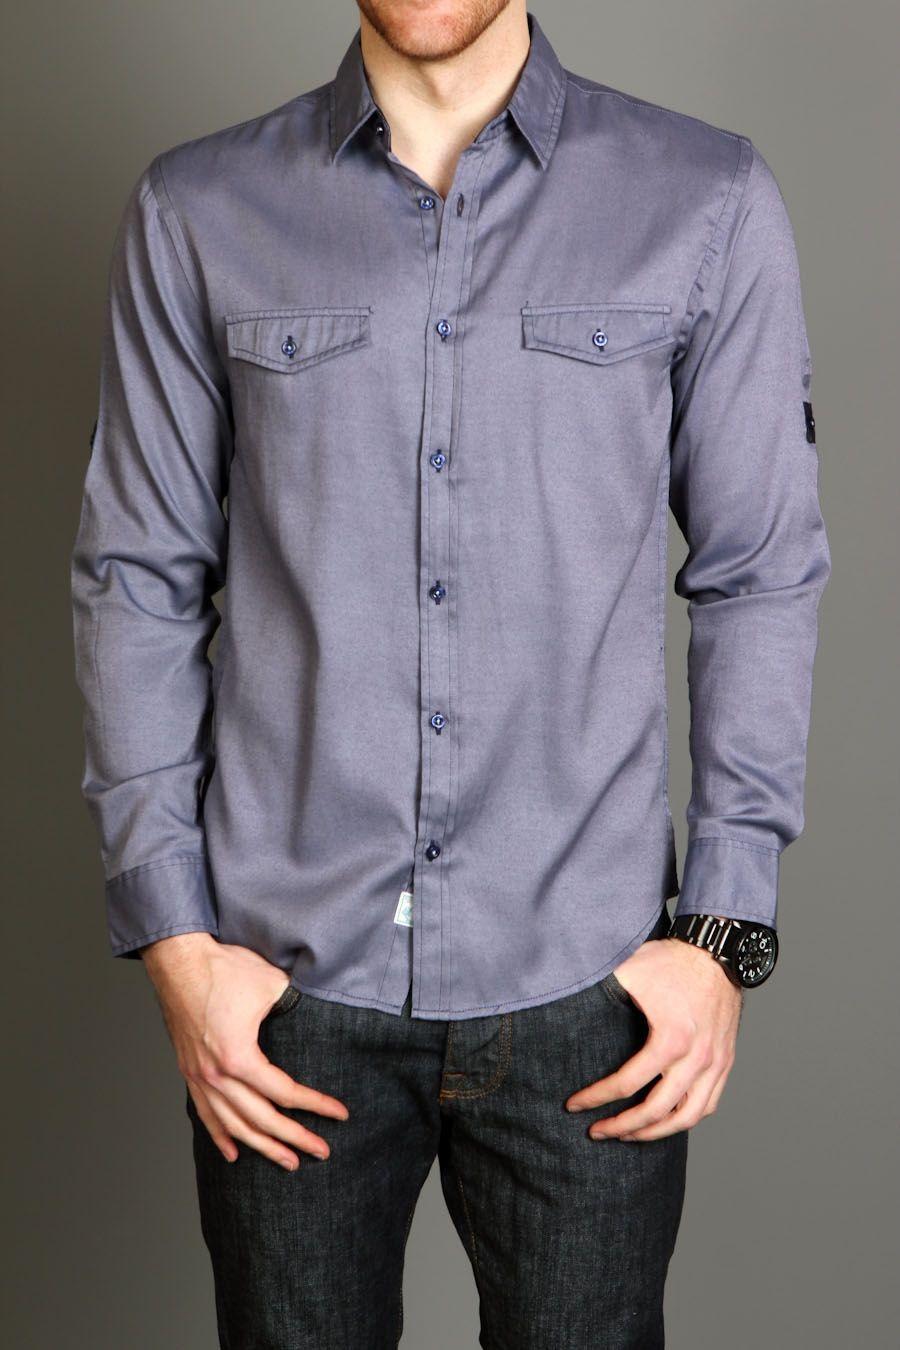 Pocket Change Jefferson Convertible Chambray Shirt Navy Chambray